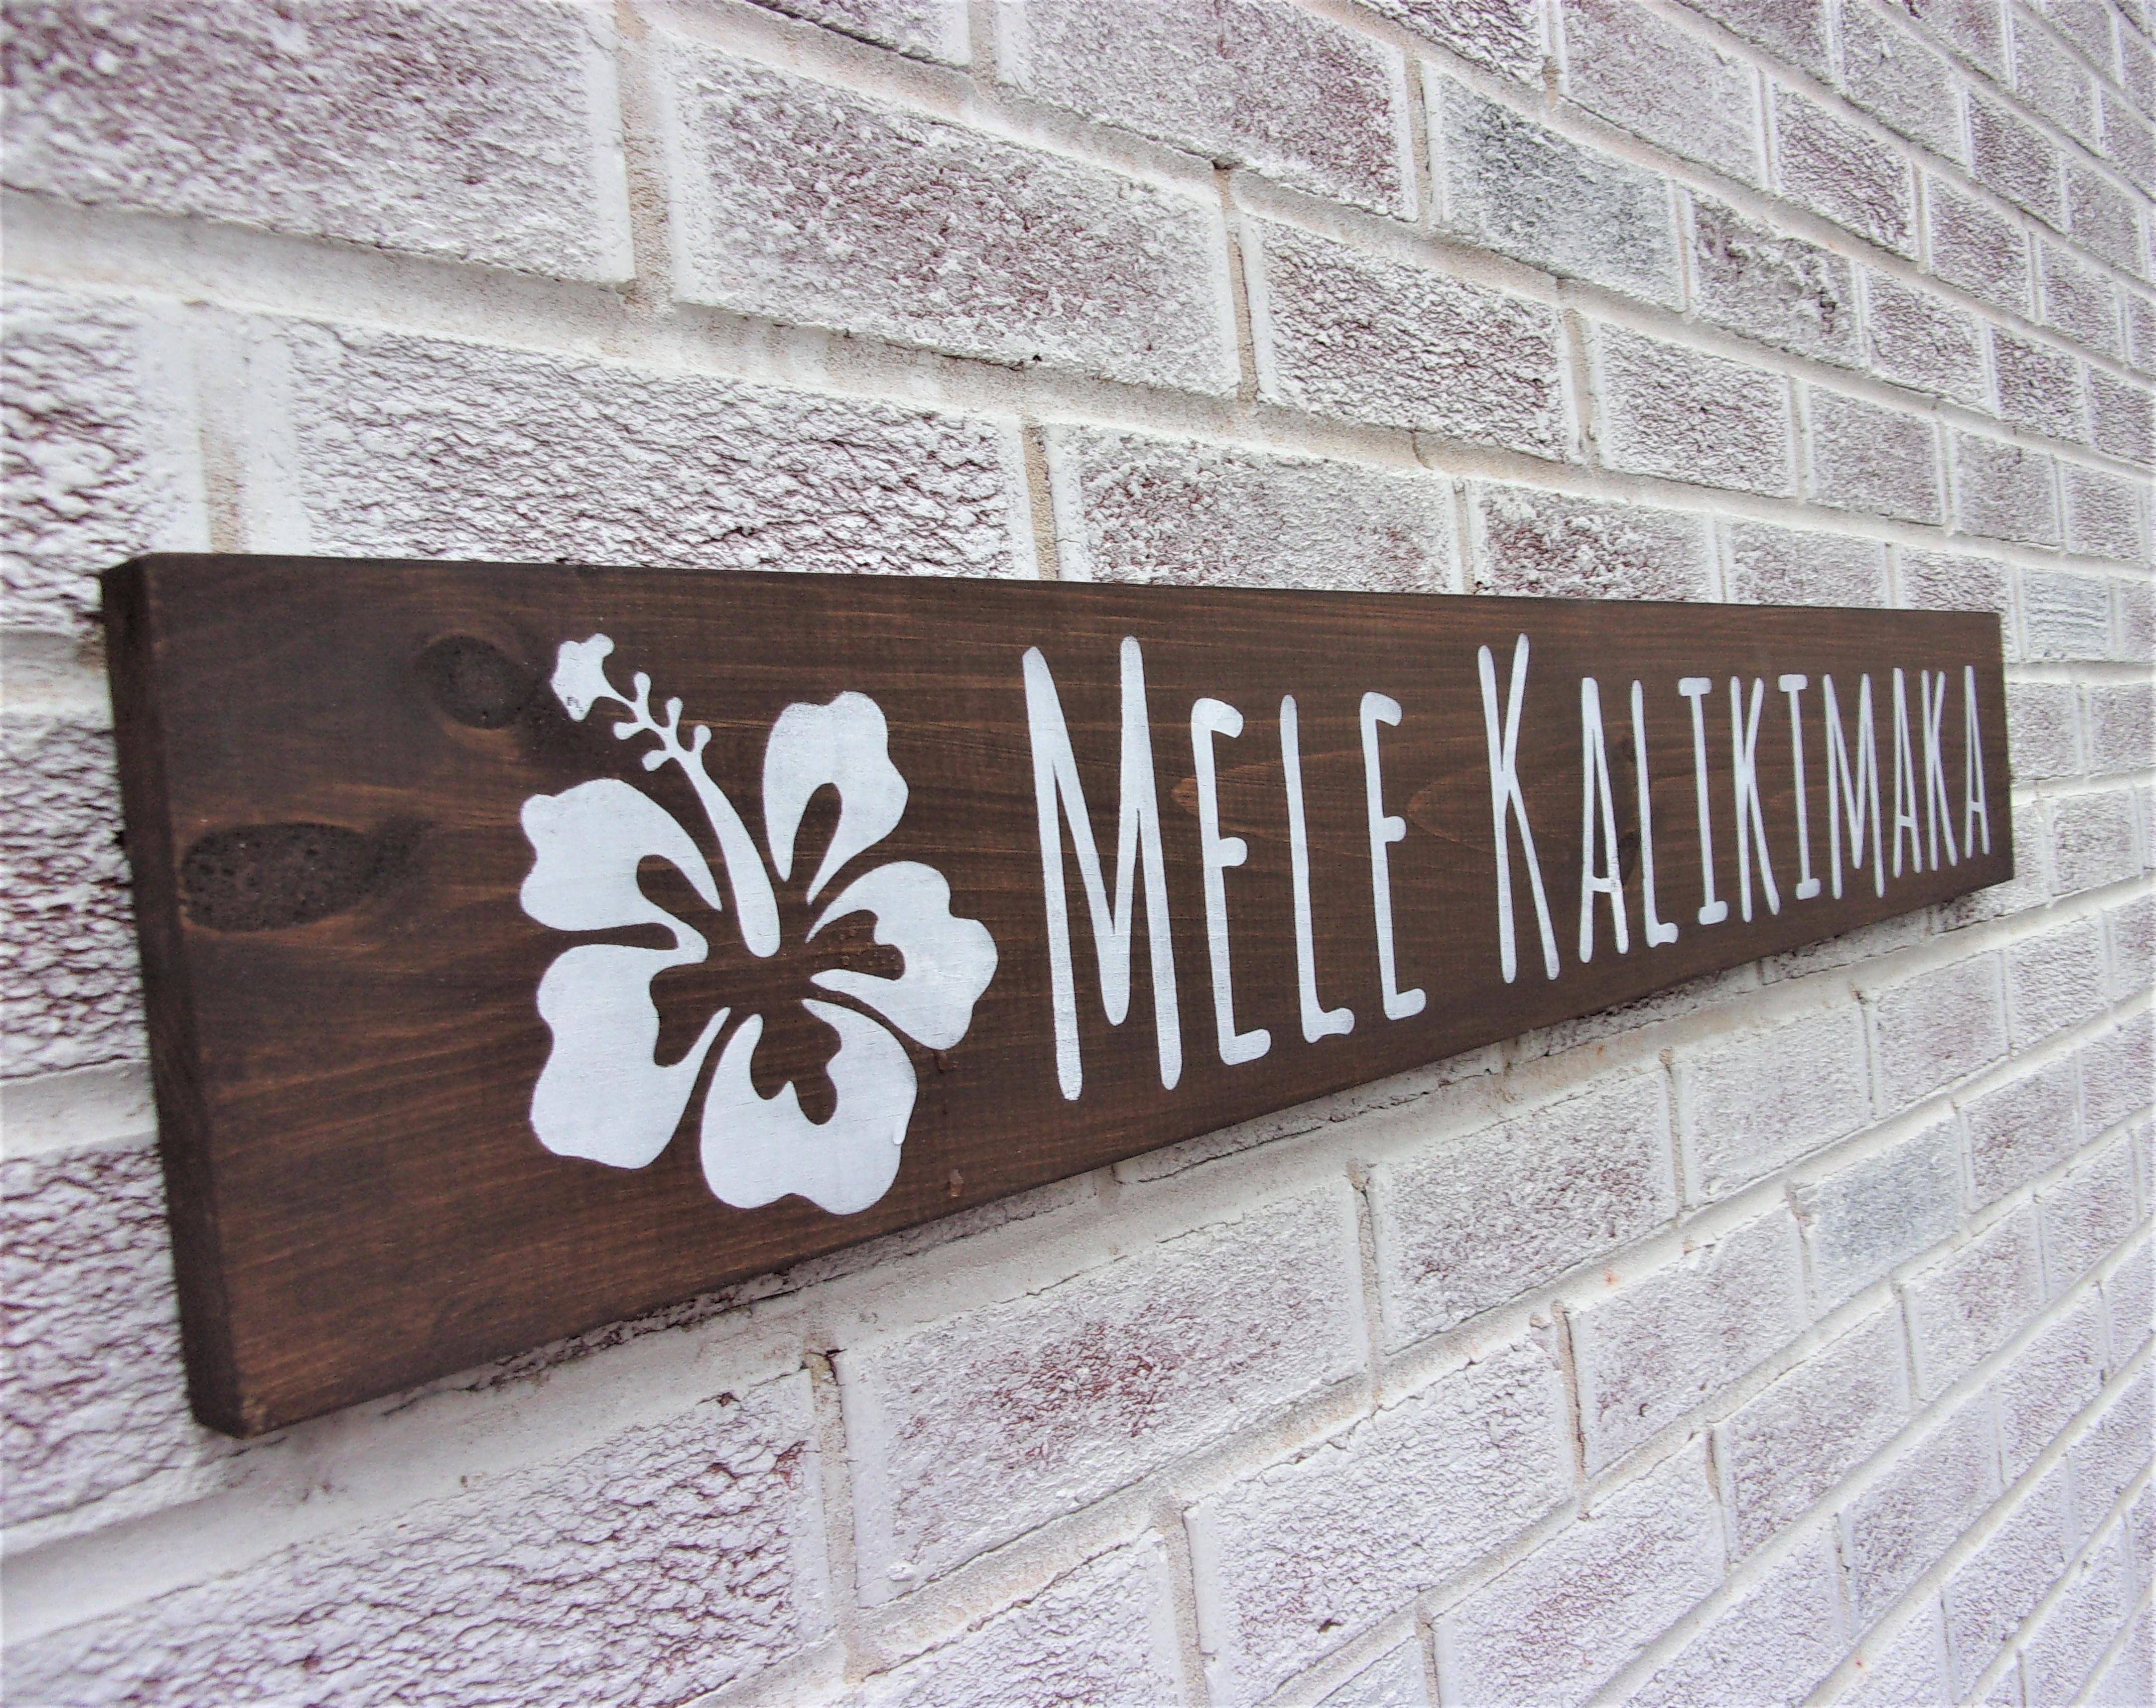 Merry Christmas sign in Hawaiian, Mele Kalikimaka sign, Hawaii, Christmas